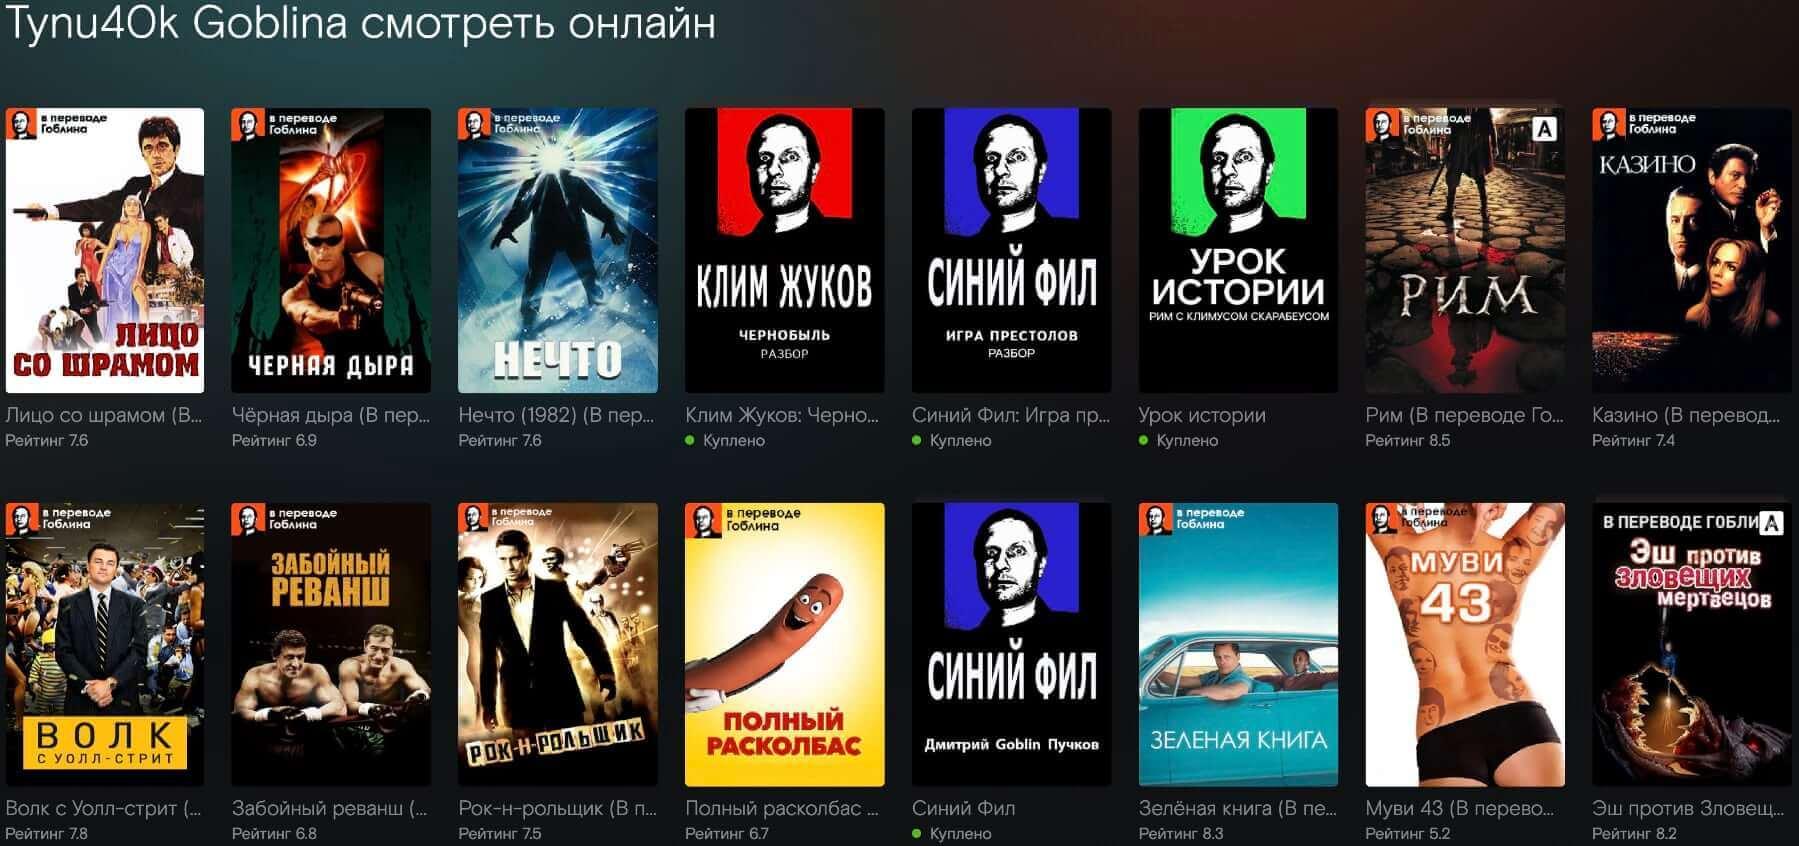 Фильмы в переводе Гоблина